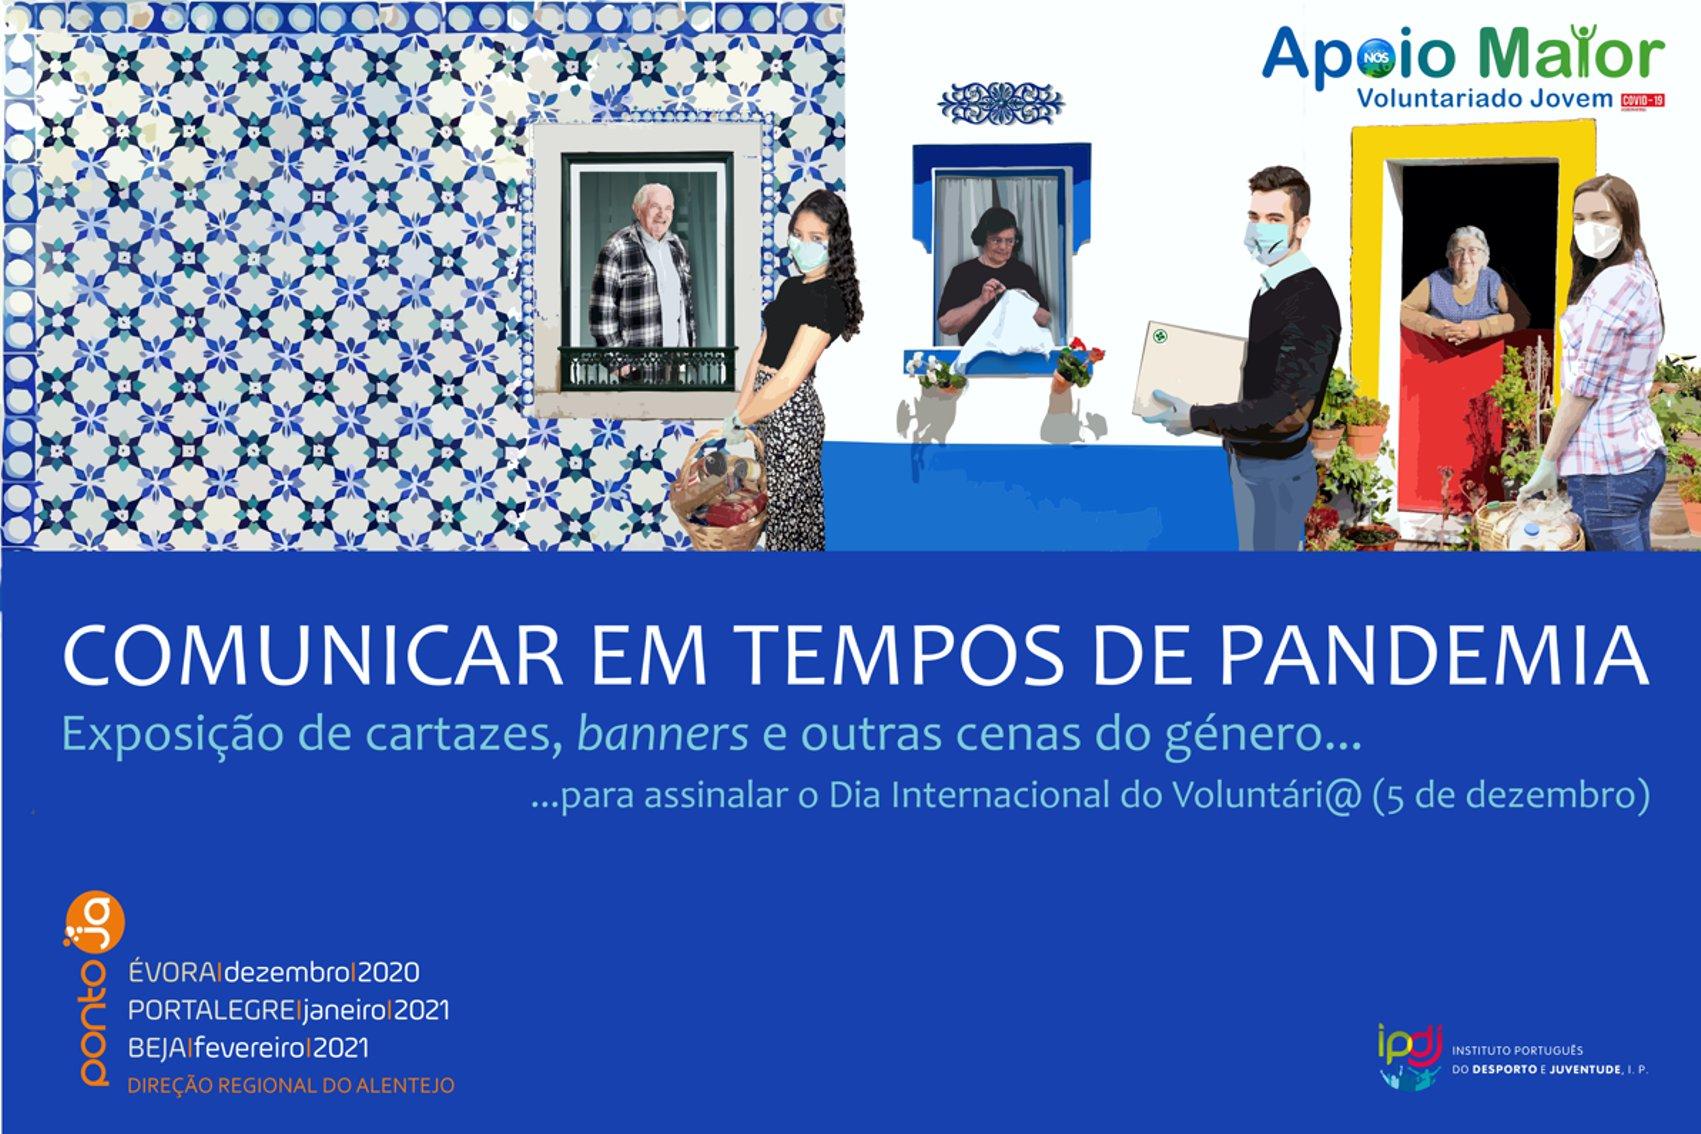 Cartaz da exposição com imagens de jovens e idosos.